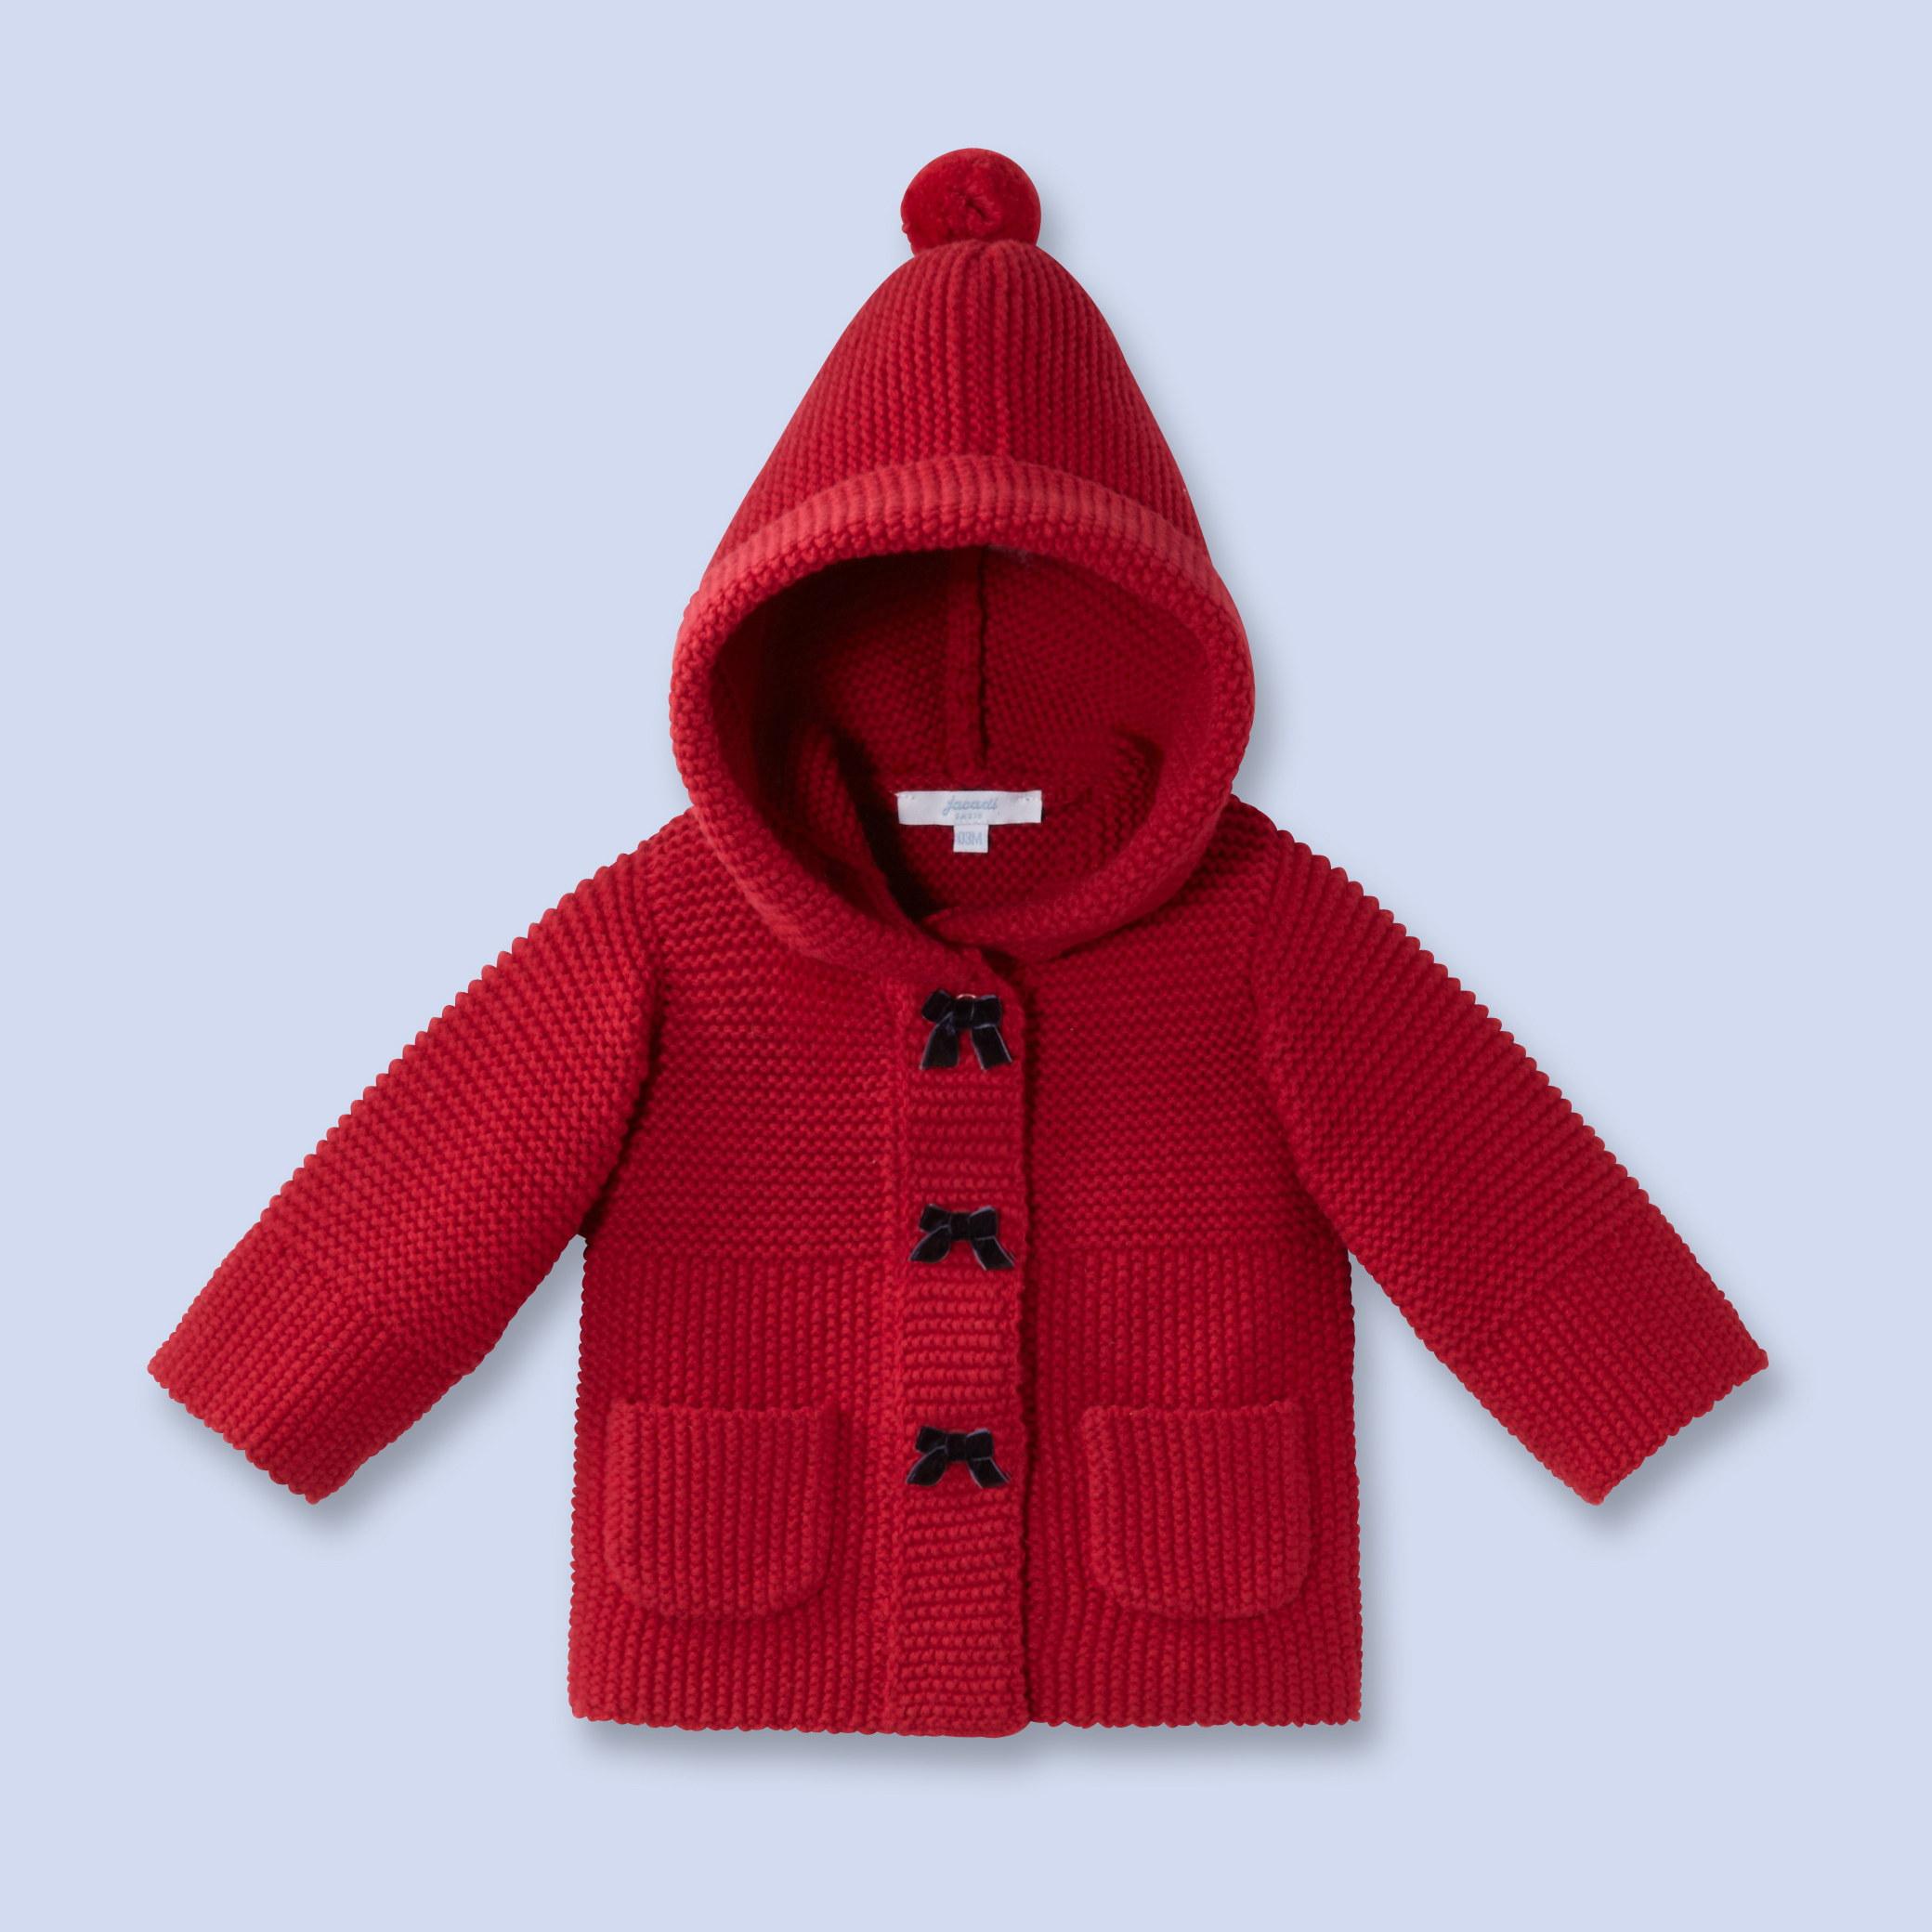 Как связать капюшон для детского пальто